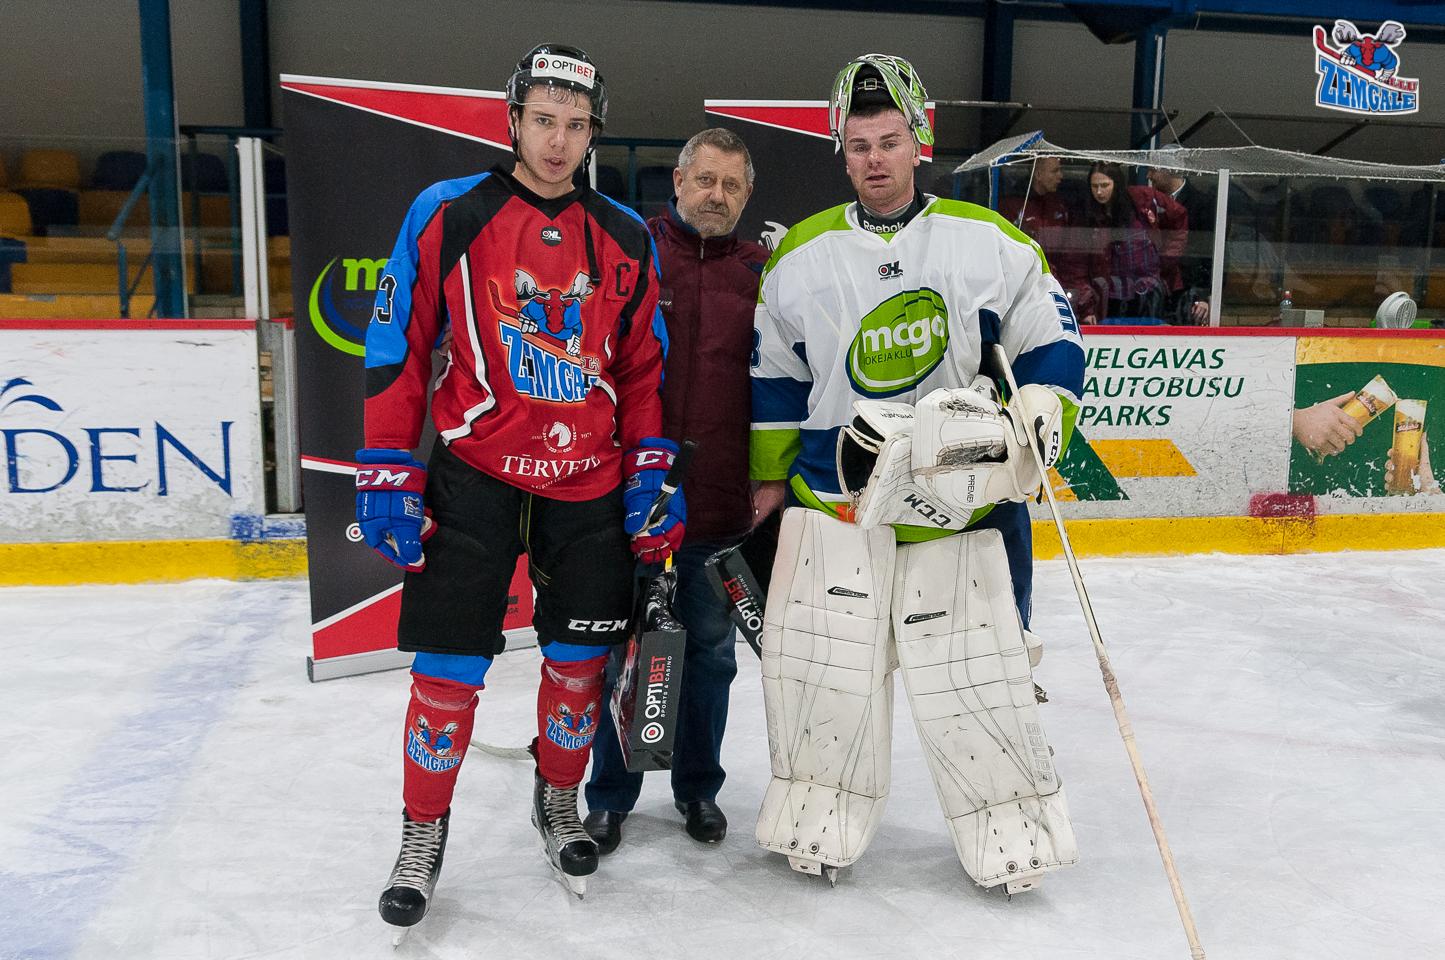 Optibet hokeja līgas regulārā čempionāta spēlē Zemgale/LLU papildlaikā zaudē Mogo ar rezultētu 2:3 Jelgavas ledus hallē 2017. gada 28. oktobrī.